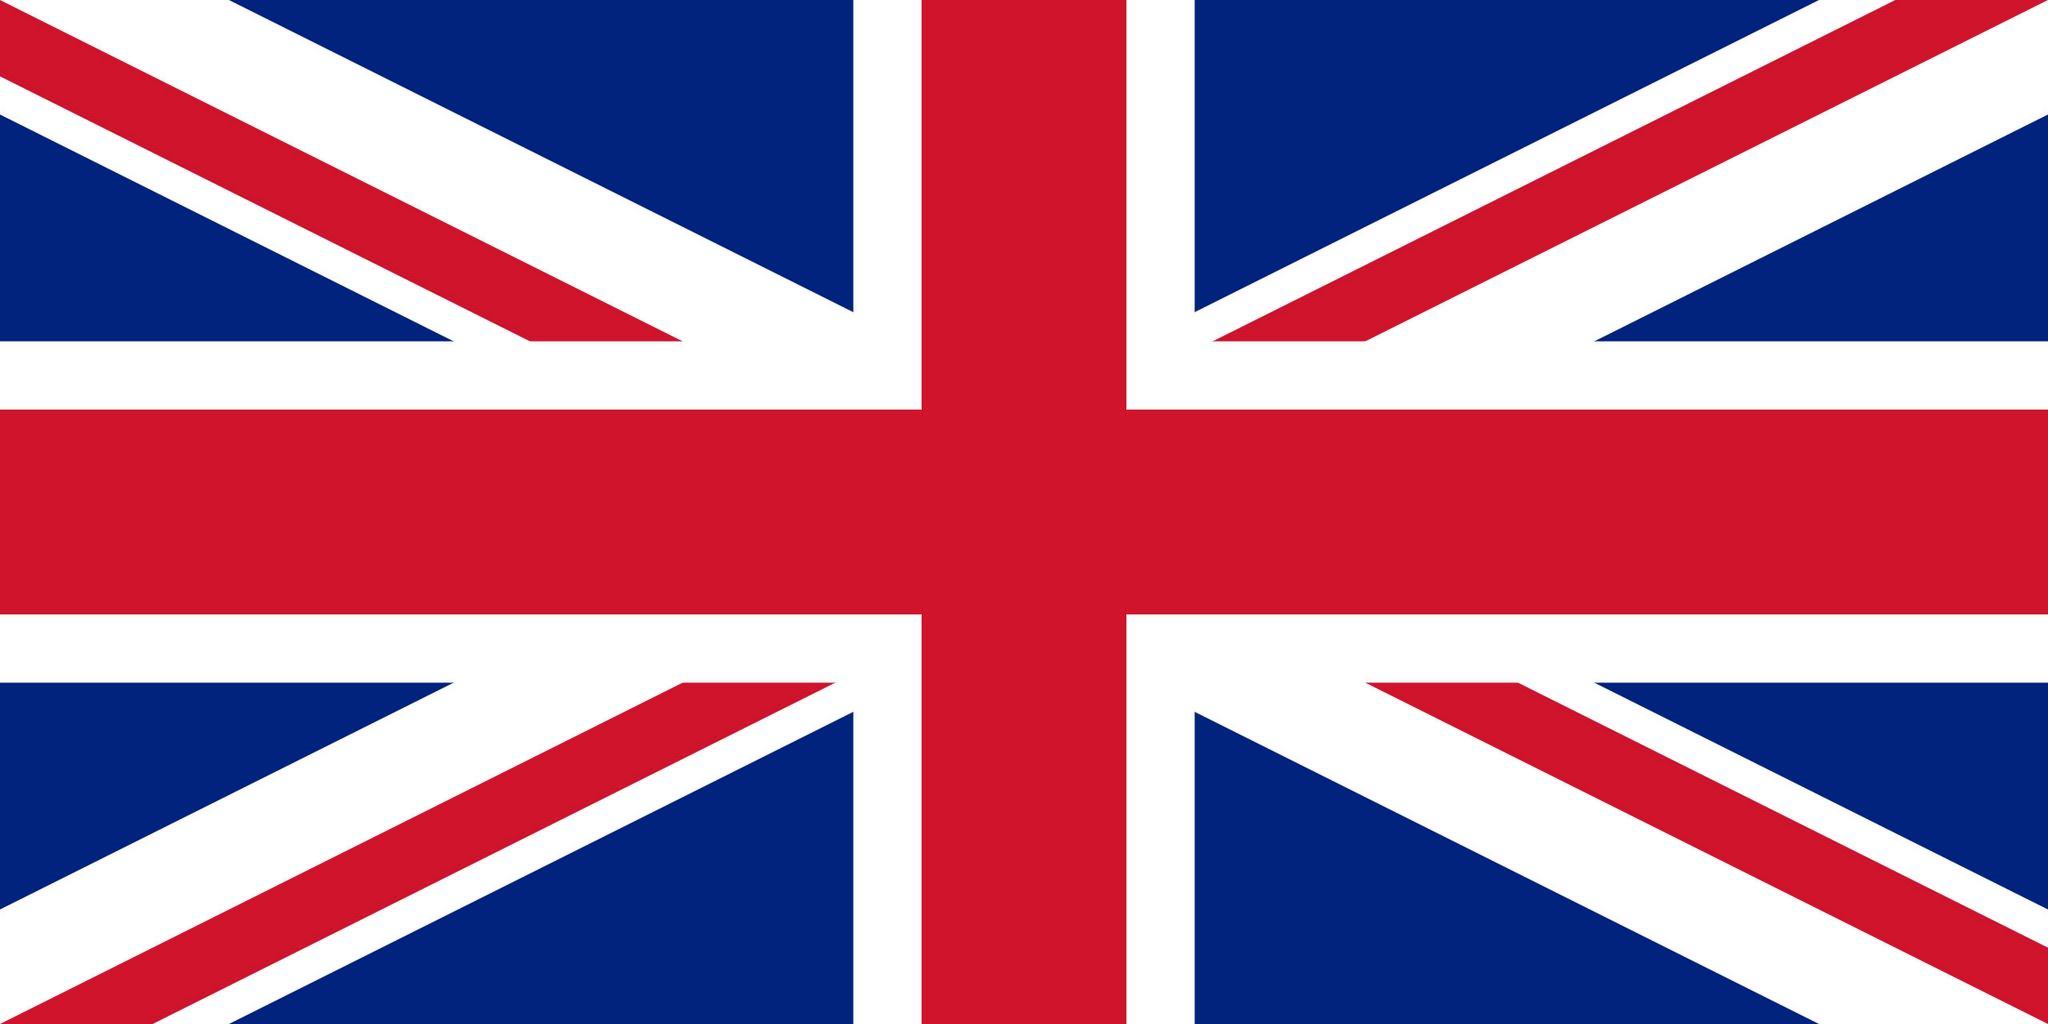 Fabulous Drapeau du Royaume-Uni, Drapeaux du pays Royaume-Uni QK57